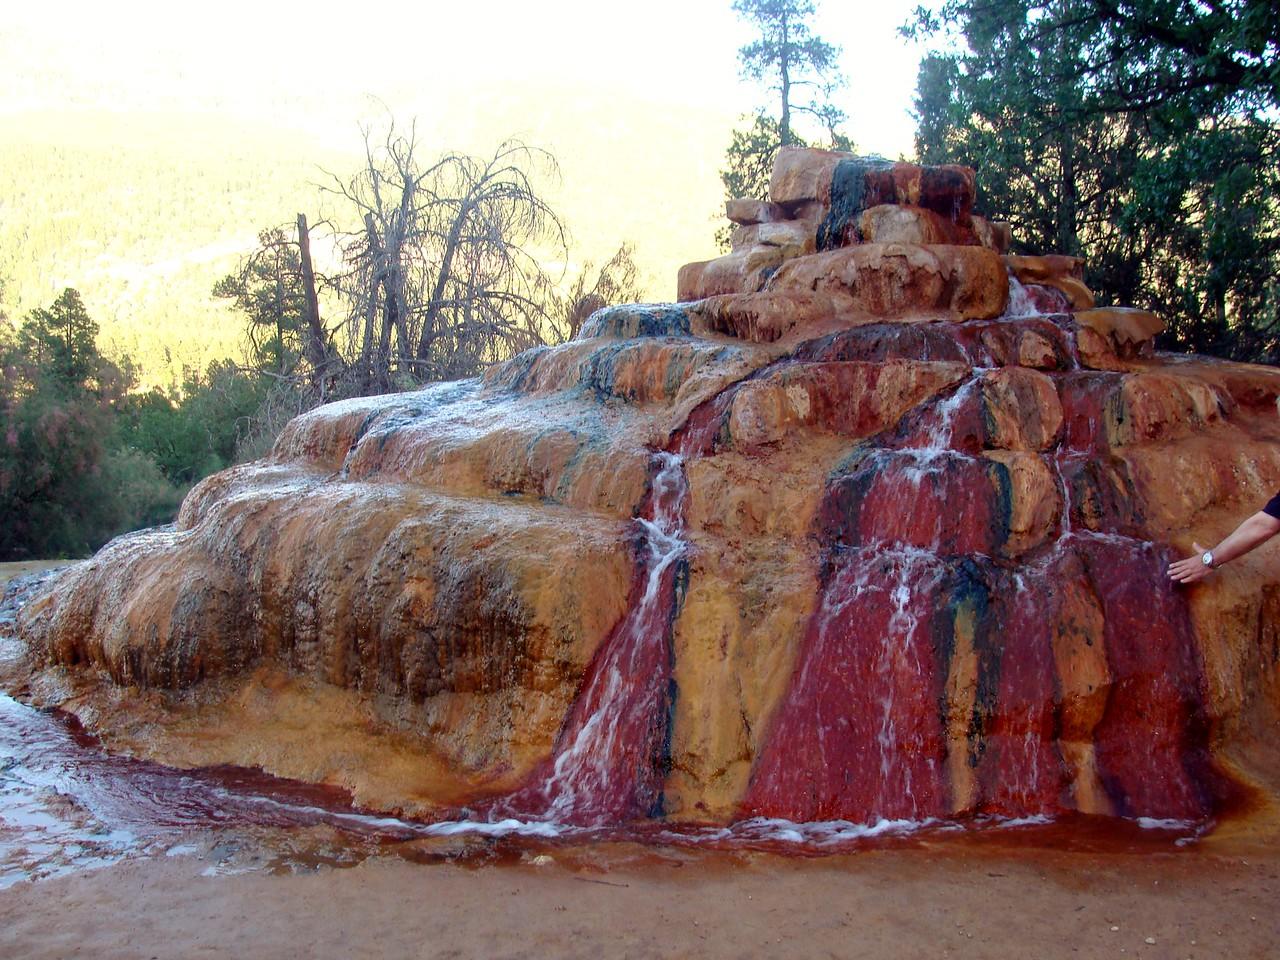 Pinkerton Hot Springs